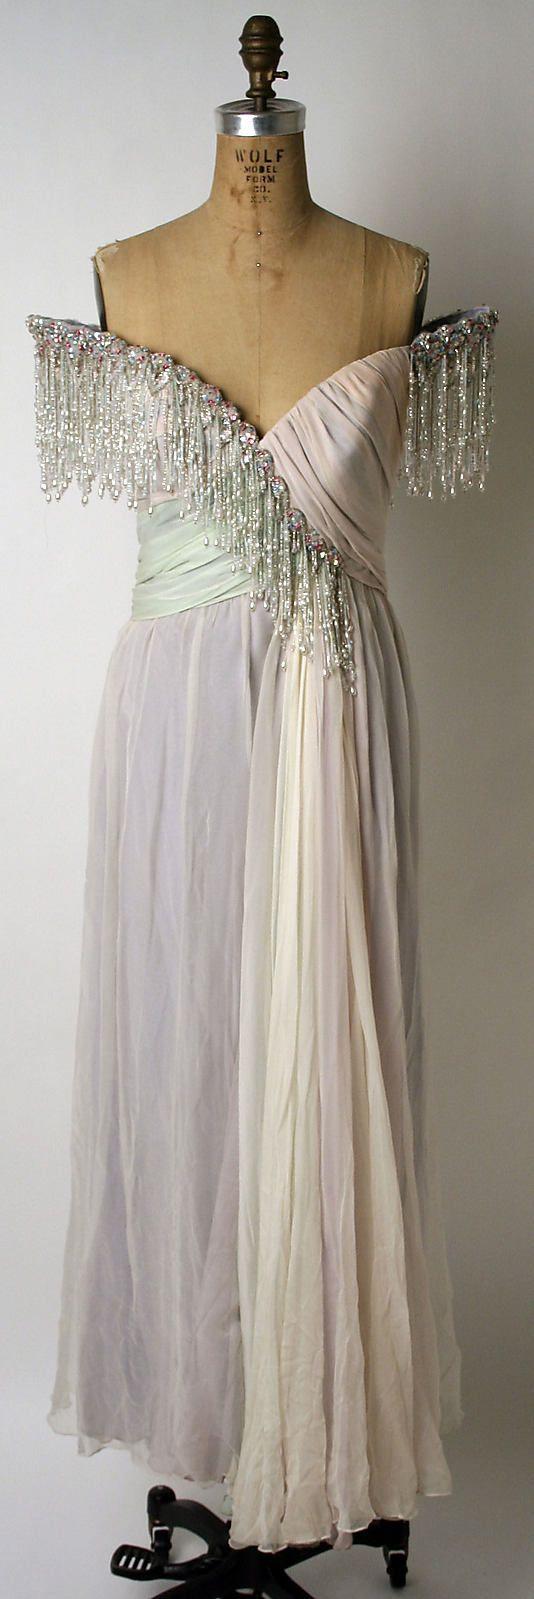 Best fancy dresses ideas on pinterest classy dress cute